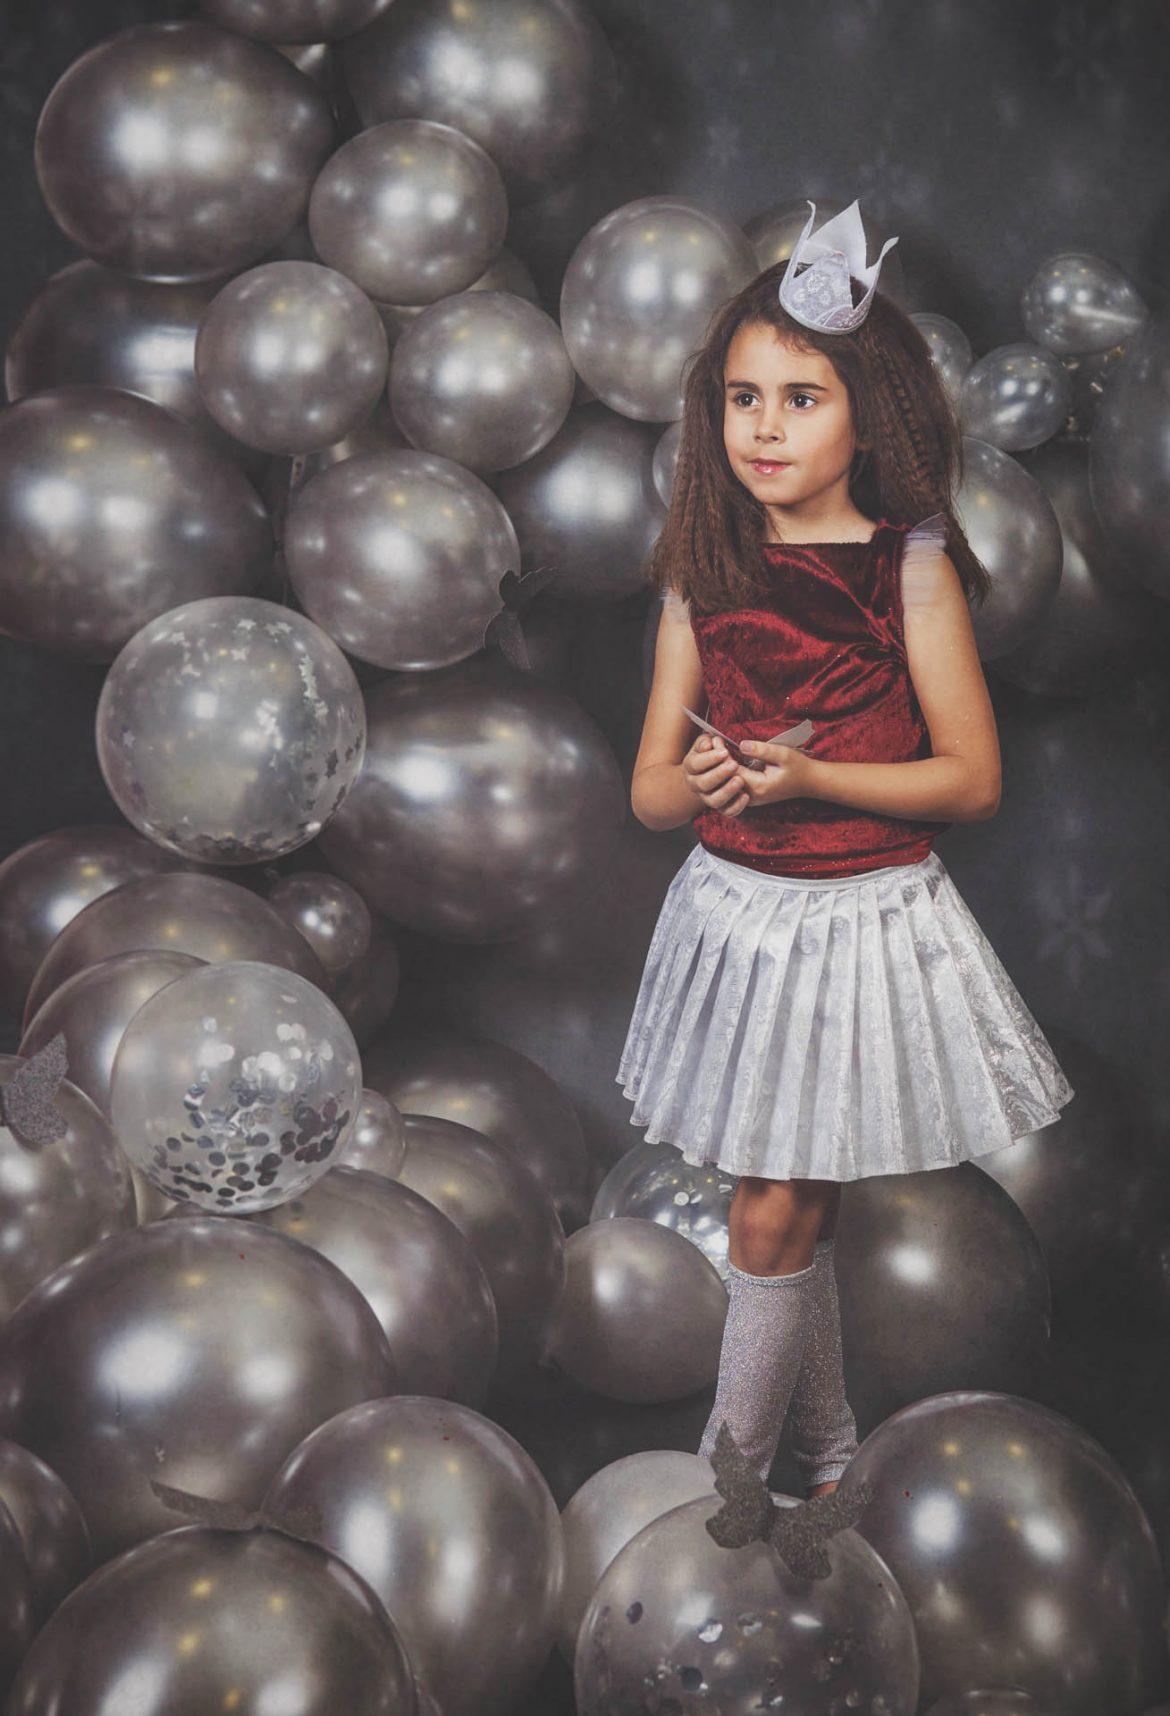 Fotos-de-navidad-niños (2)